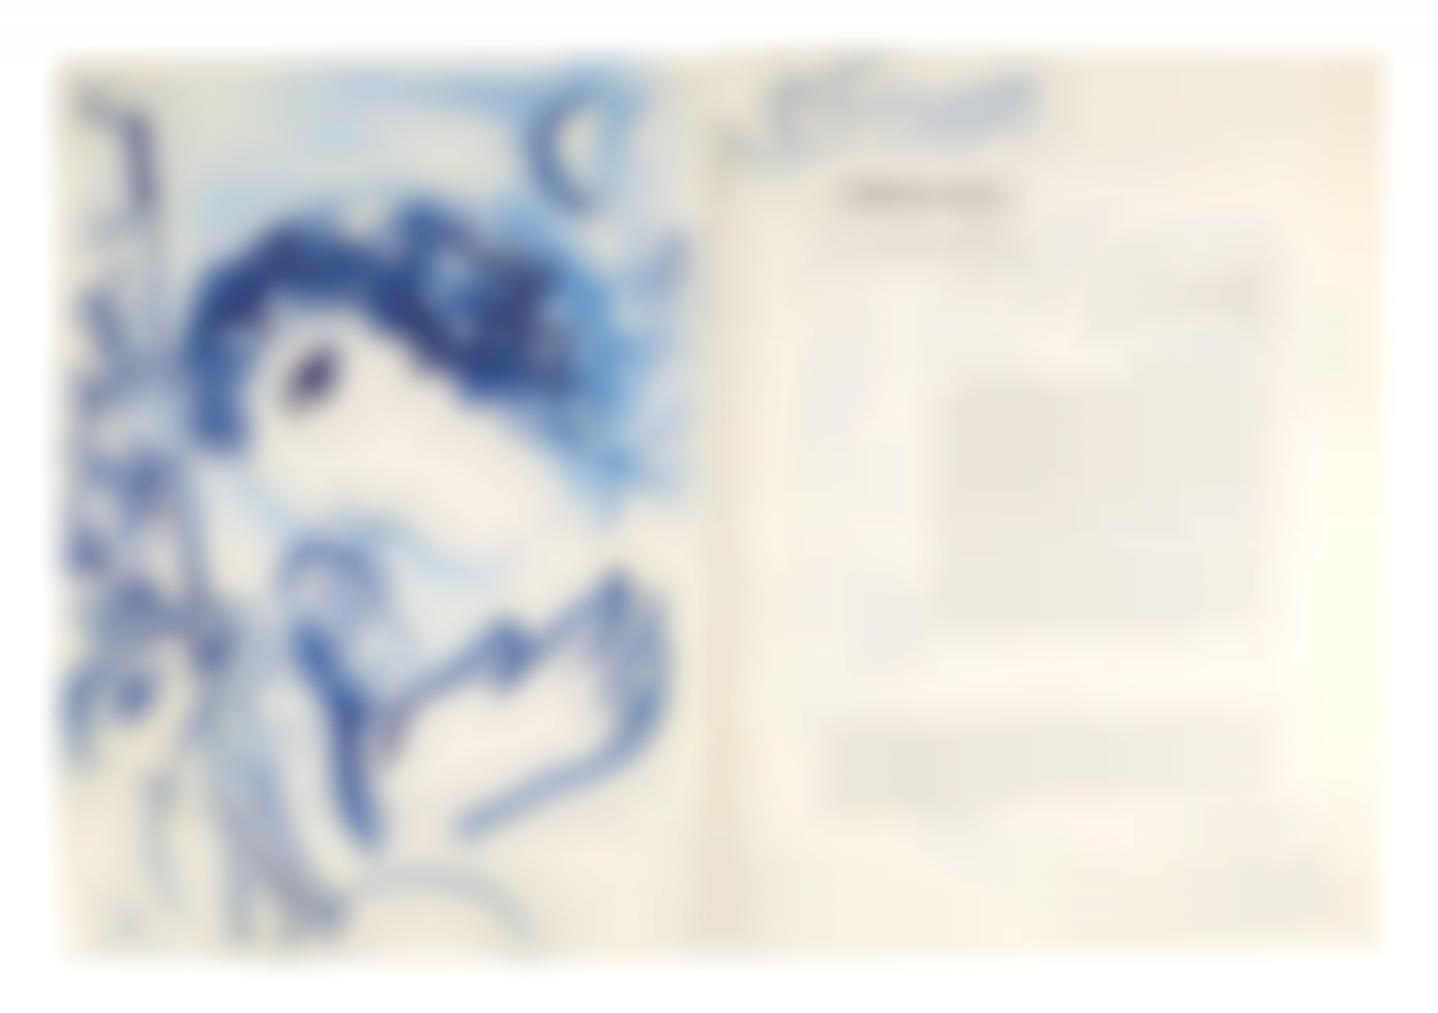 Marc Chagall-Profil Bleu Du Peintre Pour Les Amis Cain-1957